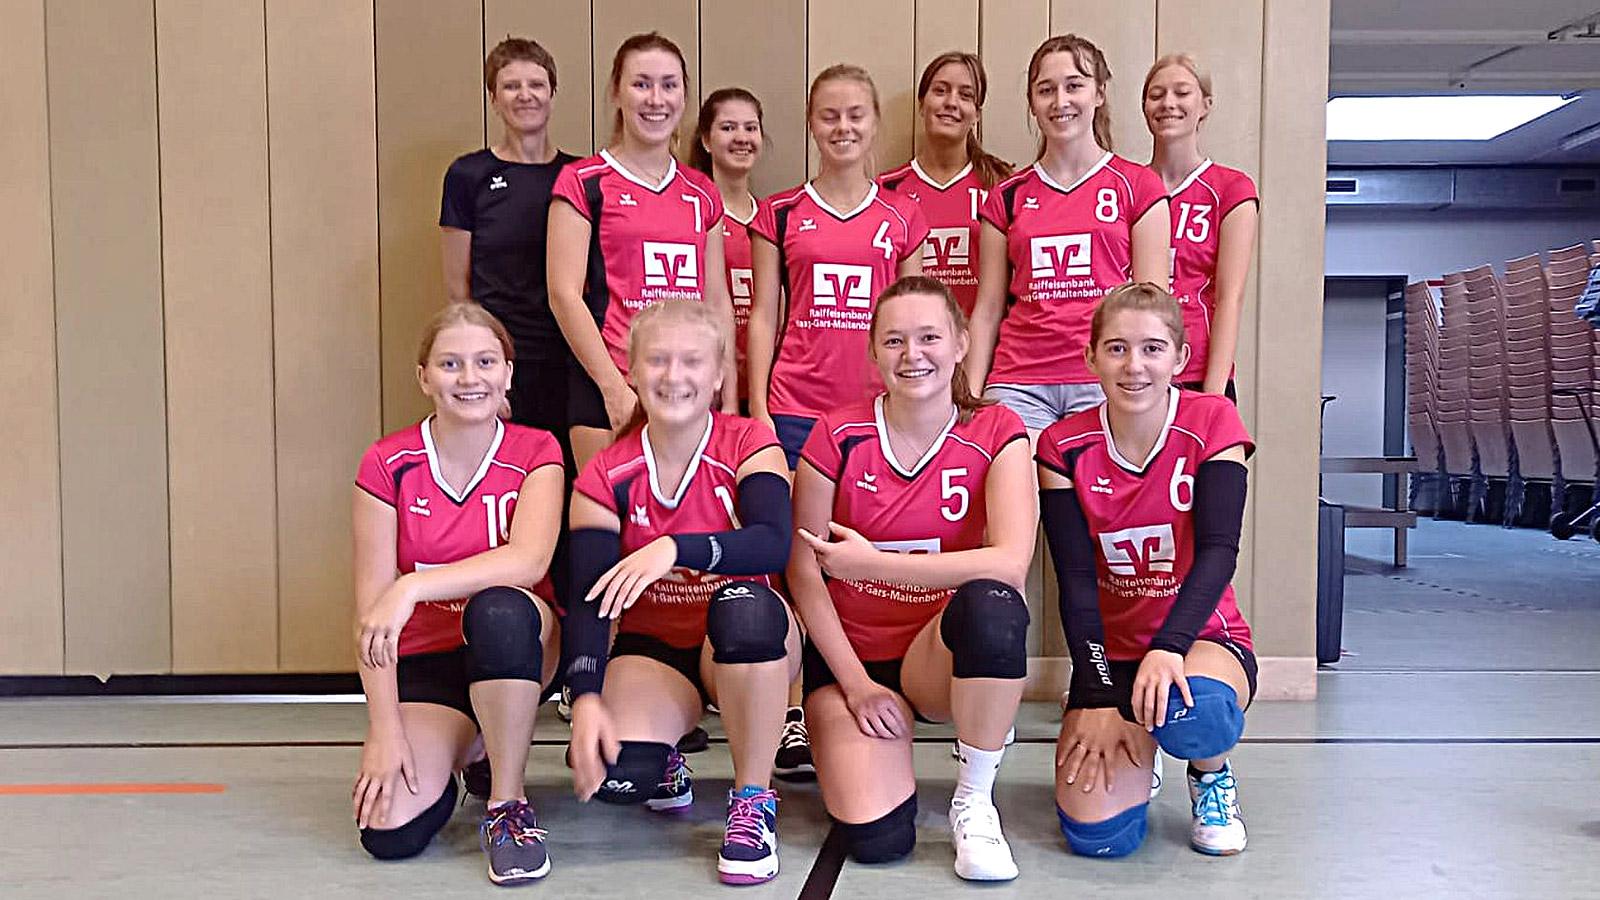 Teamfoto U20 weiblich vom 1. Spieltag (03. Oktober 2021)